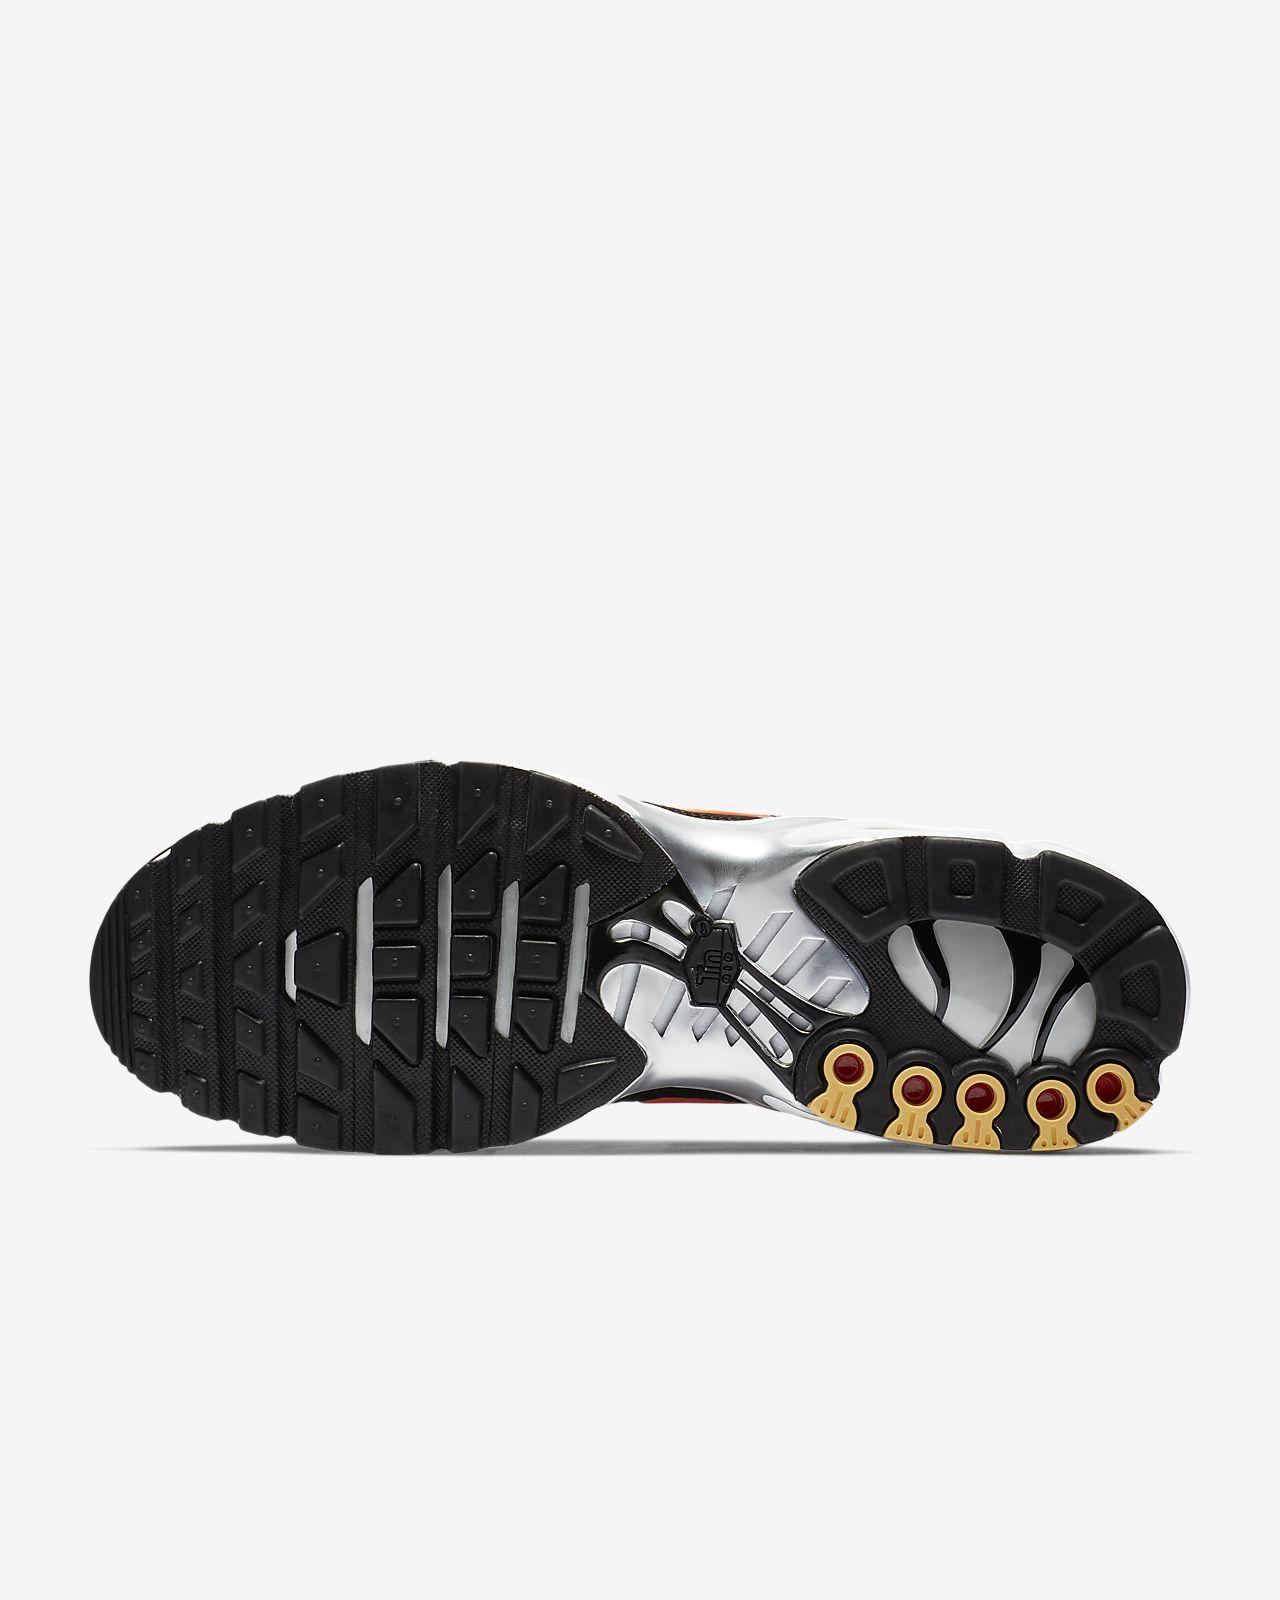 separation shoes 4b4c7 faf5b ... Nike Air Max Plus TN SE Mens Shoe